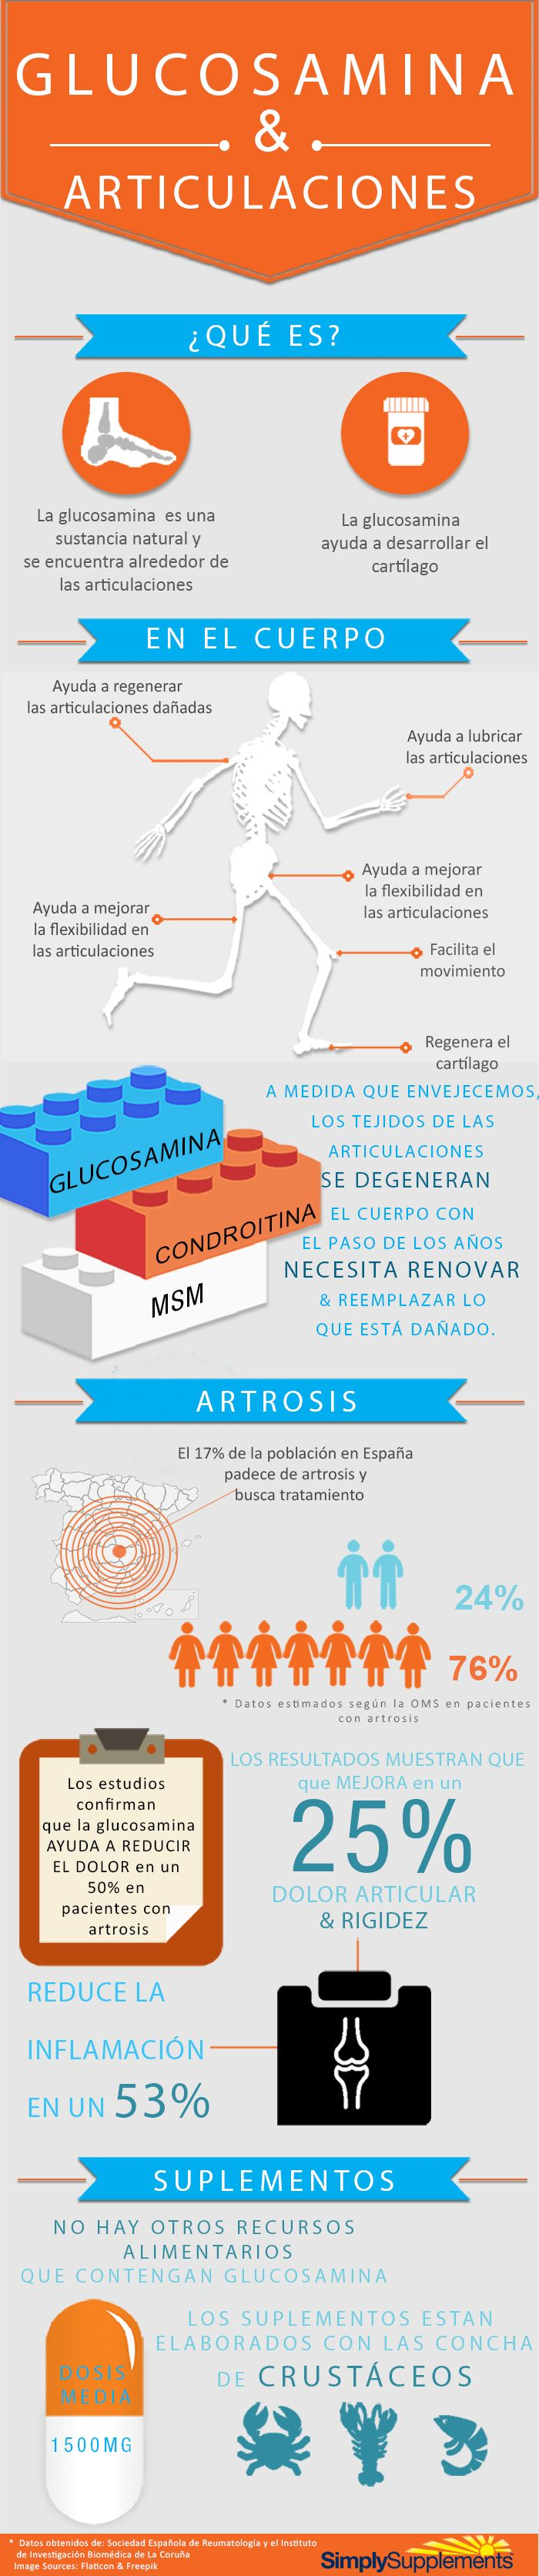 Glucosamina para reforzar las articularciones. #Infografia #glucosamina #dolorarticulaciones